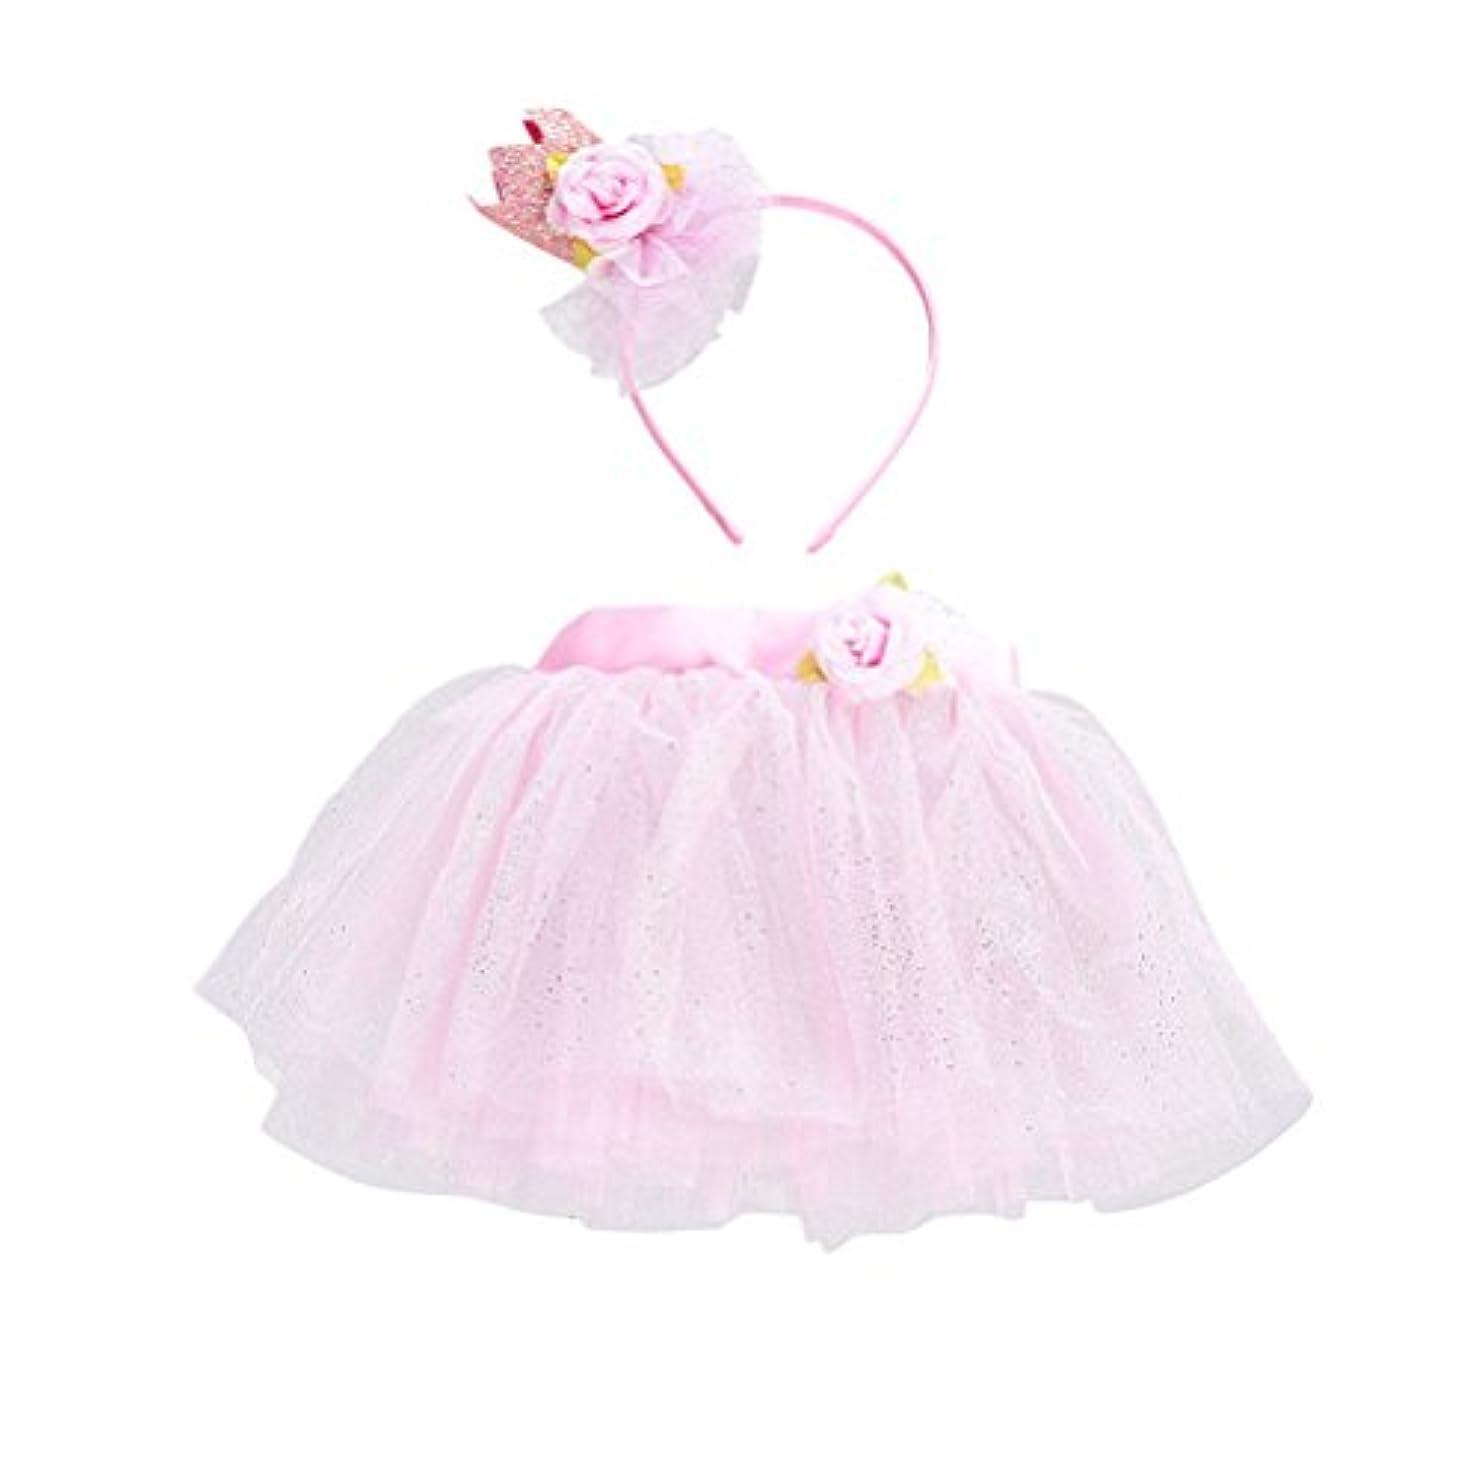 晩ごはんメダル変化するLUOEM 女の子TutuスカートセットヘッドバンドプリンセスガールTutu服装Baby Girls Birthday Outfit Set(ピンク)